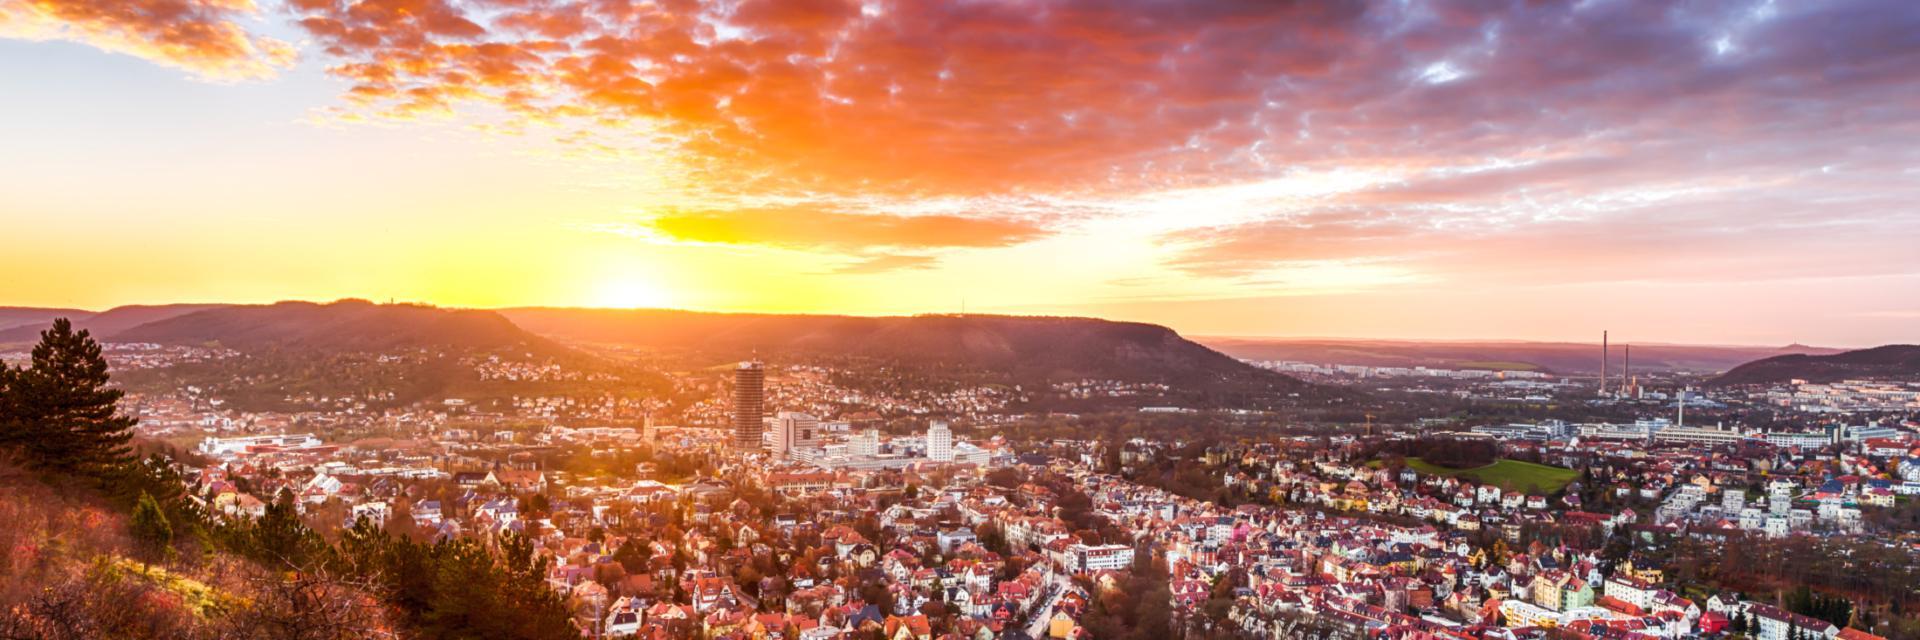 Stadtansicht vom Berg während des Sonnenuntergangs